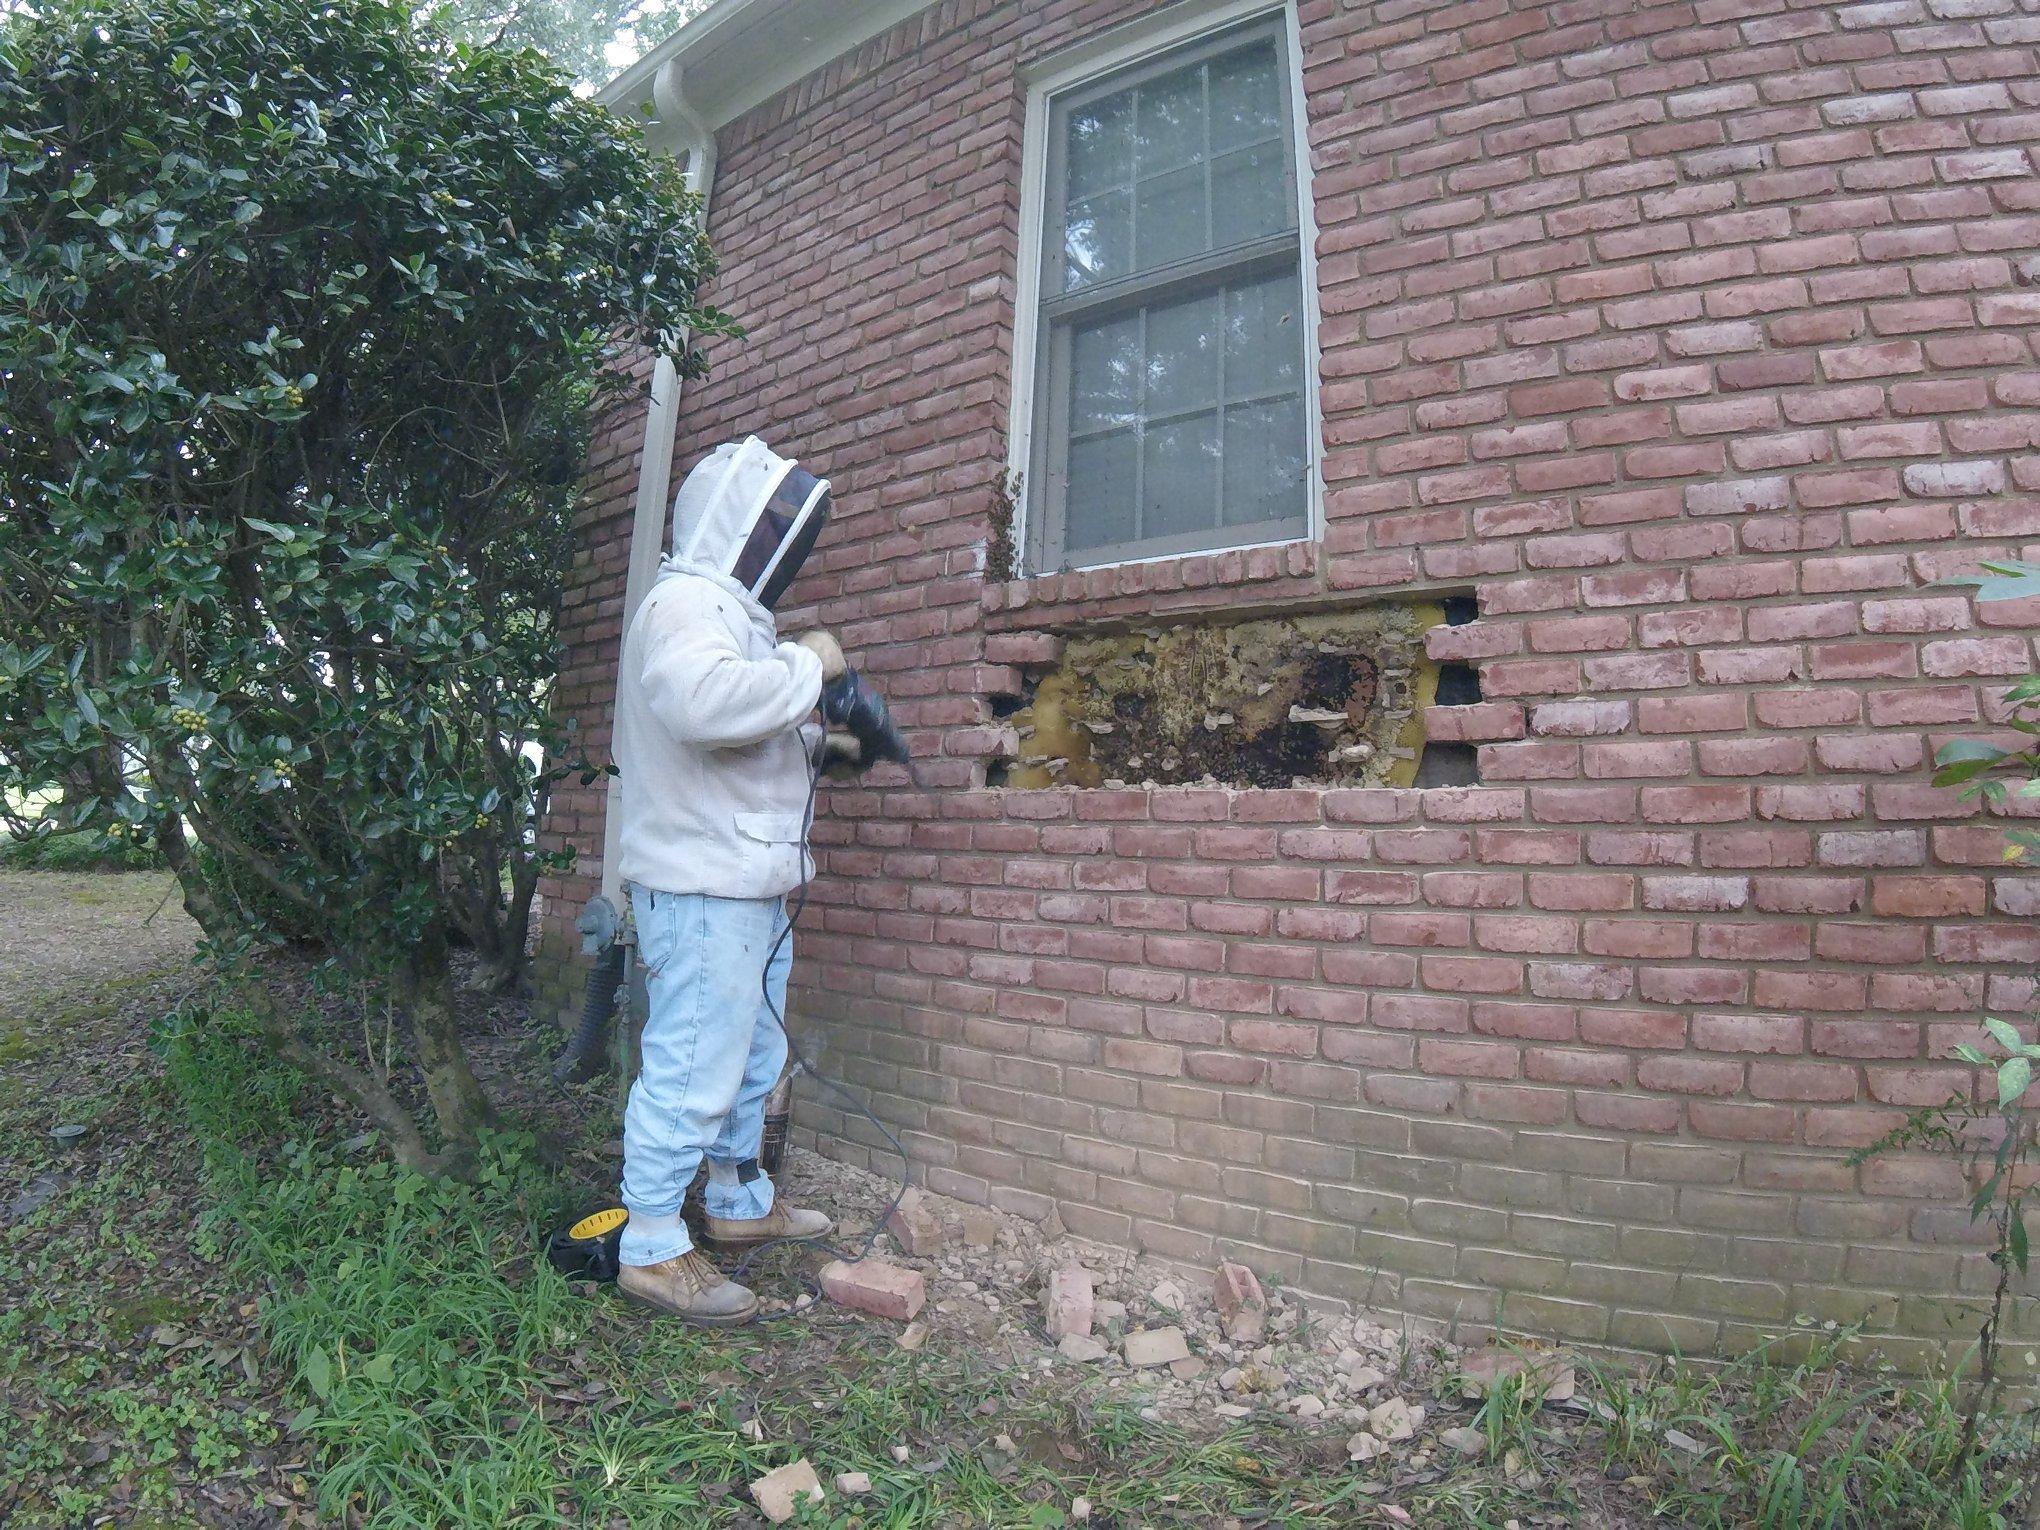 42743399 2000275516660830 7014229413151637504 o.jpg?resize=1200,630 - L'un des murs de sa maison renfermait une ruche géante!